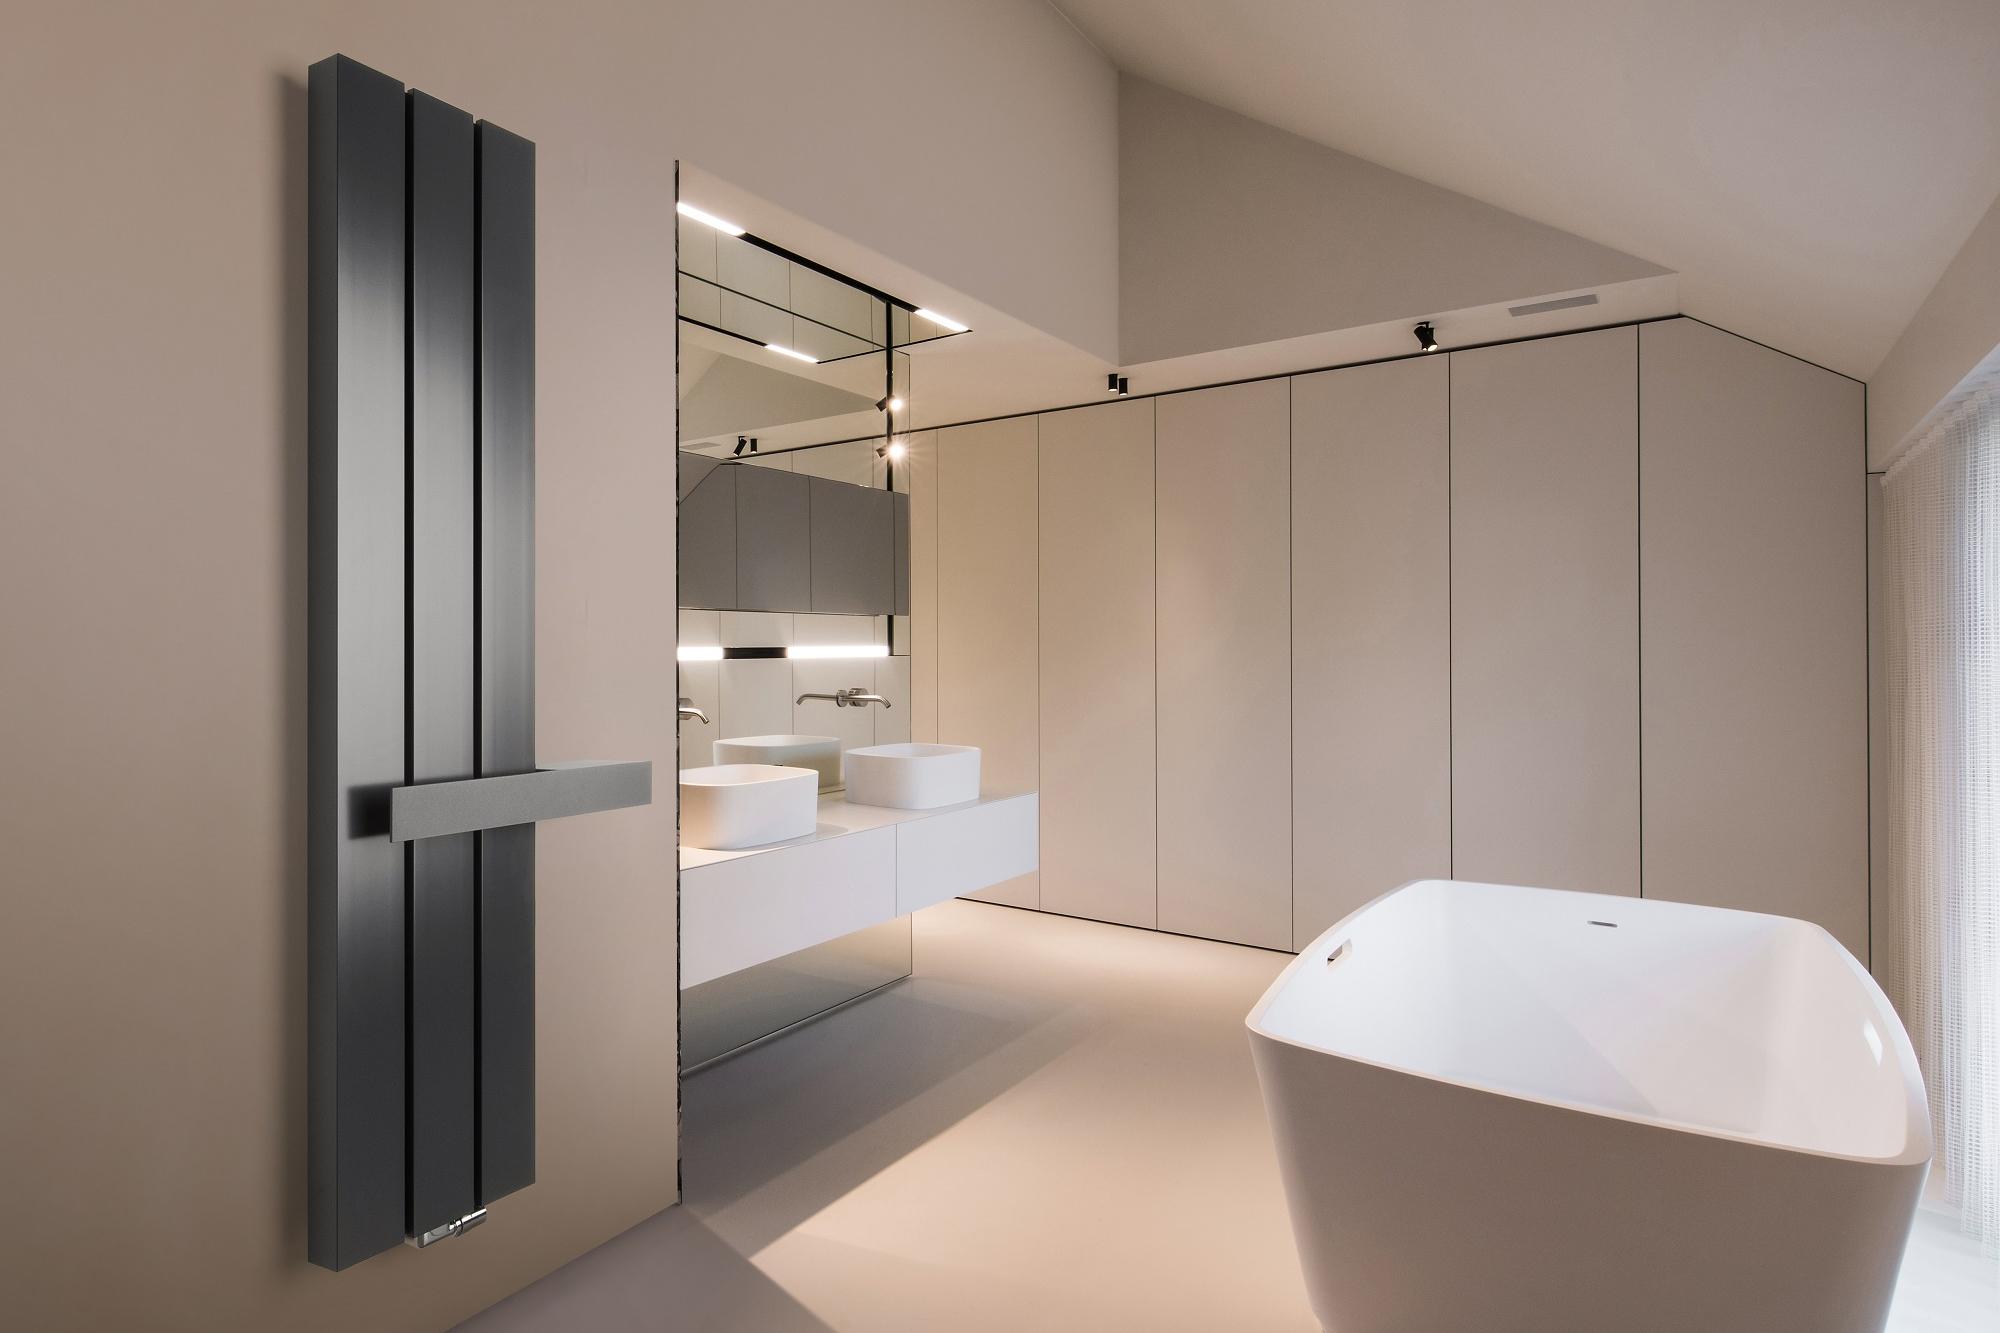 Verwarm de badkamer in stijl